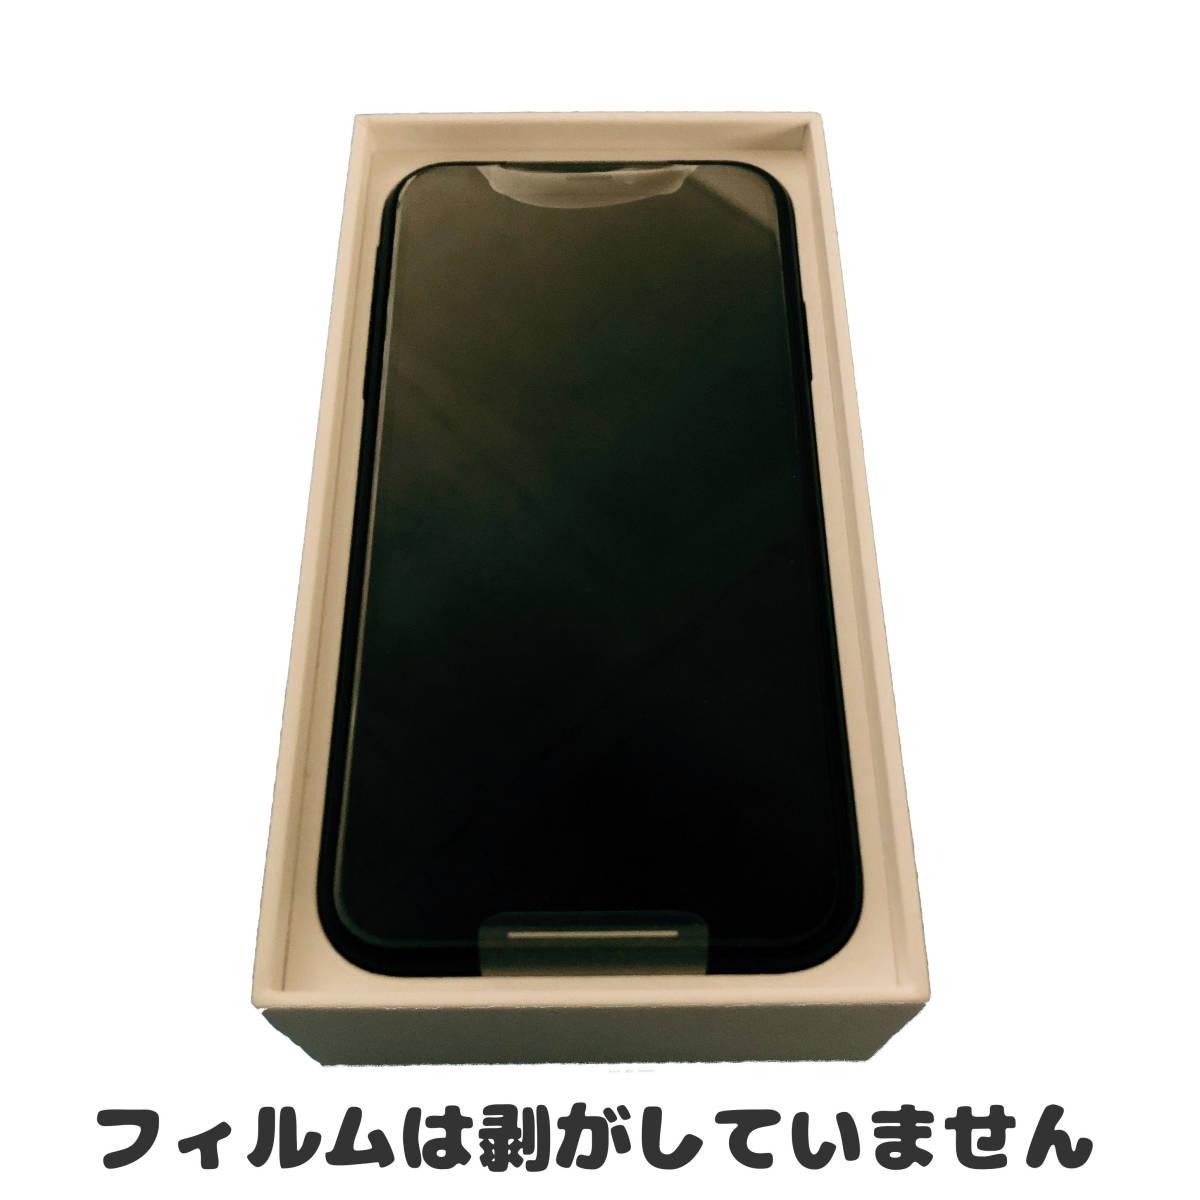 【保証有】iPhone XR 128GB ブラック(BLACK)黒本体 SIMロック解除済 おまけ付 1円~売切 新品未使用 判定○_画像2